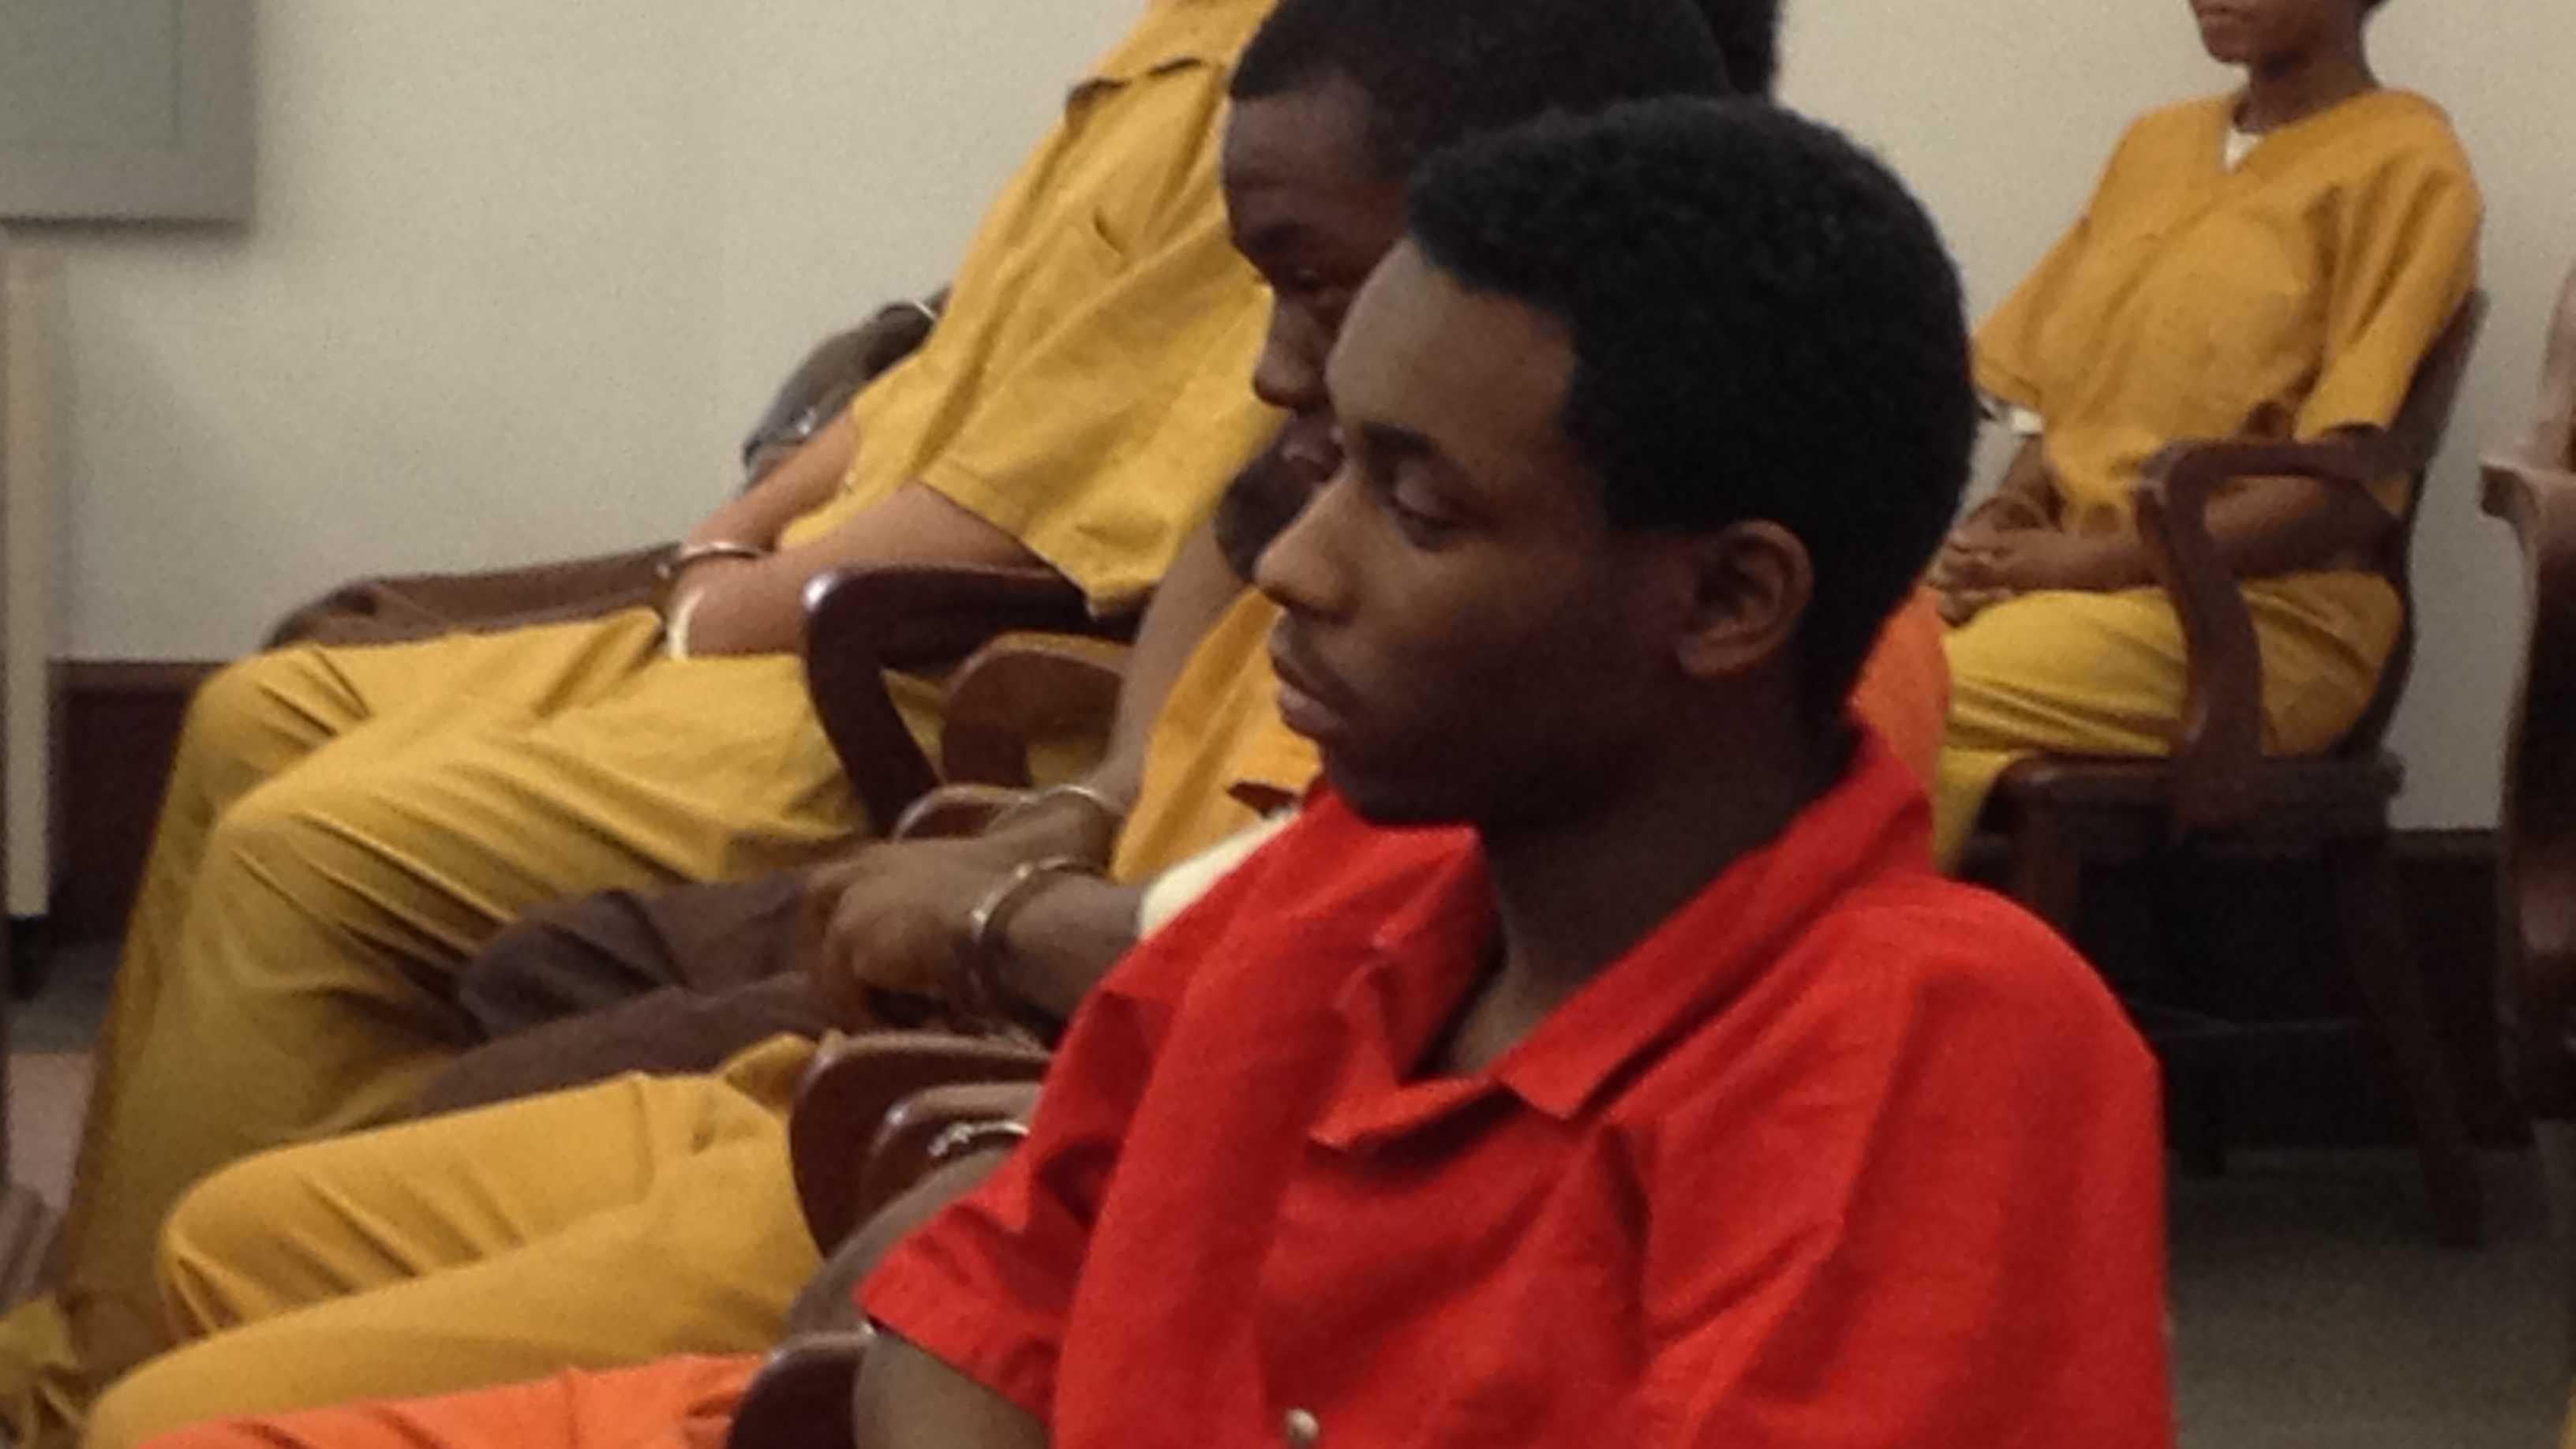 Tyrone Liddell in court